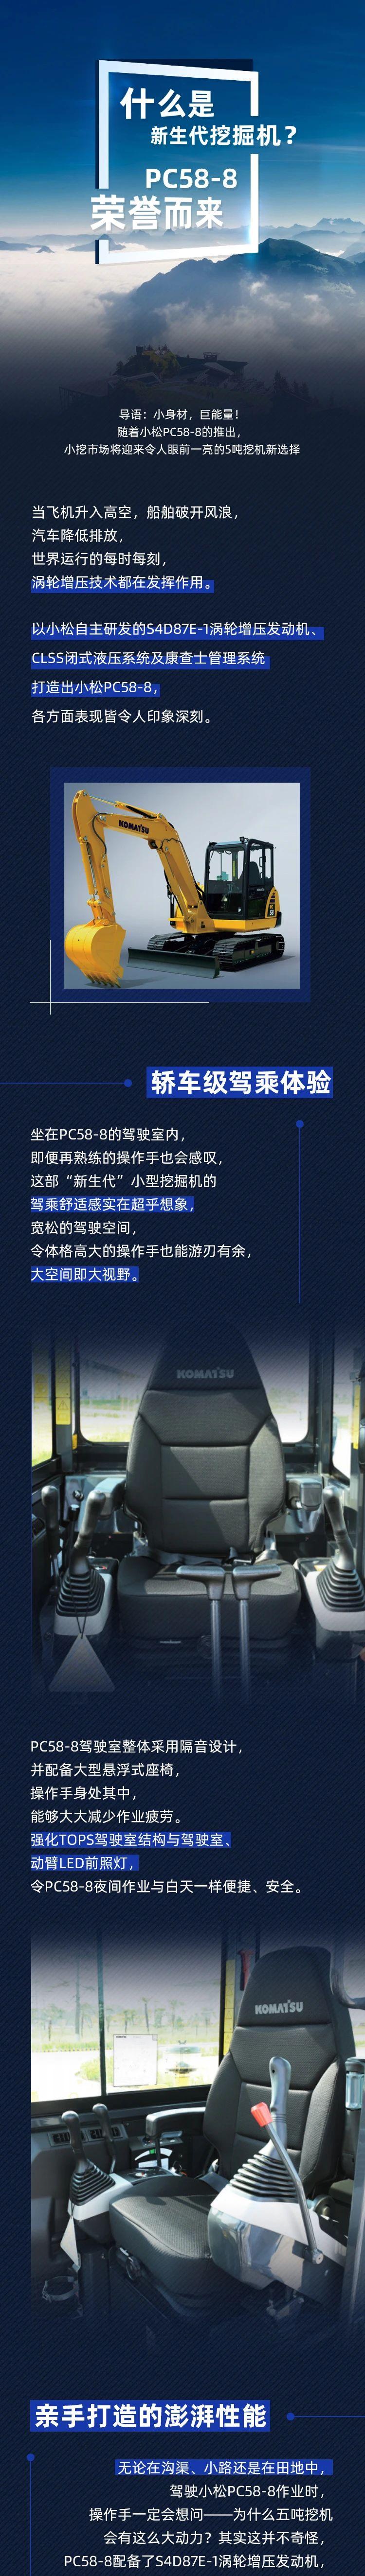 小松:什么是新生代挖掘機?PC58-8榮譽而來